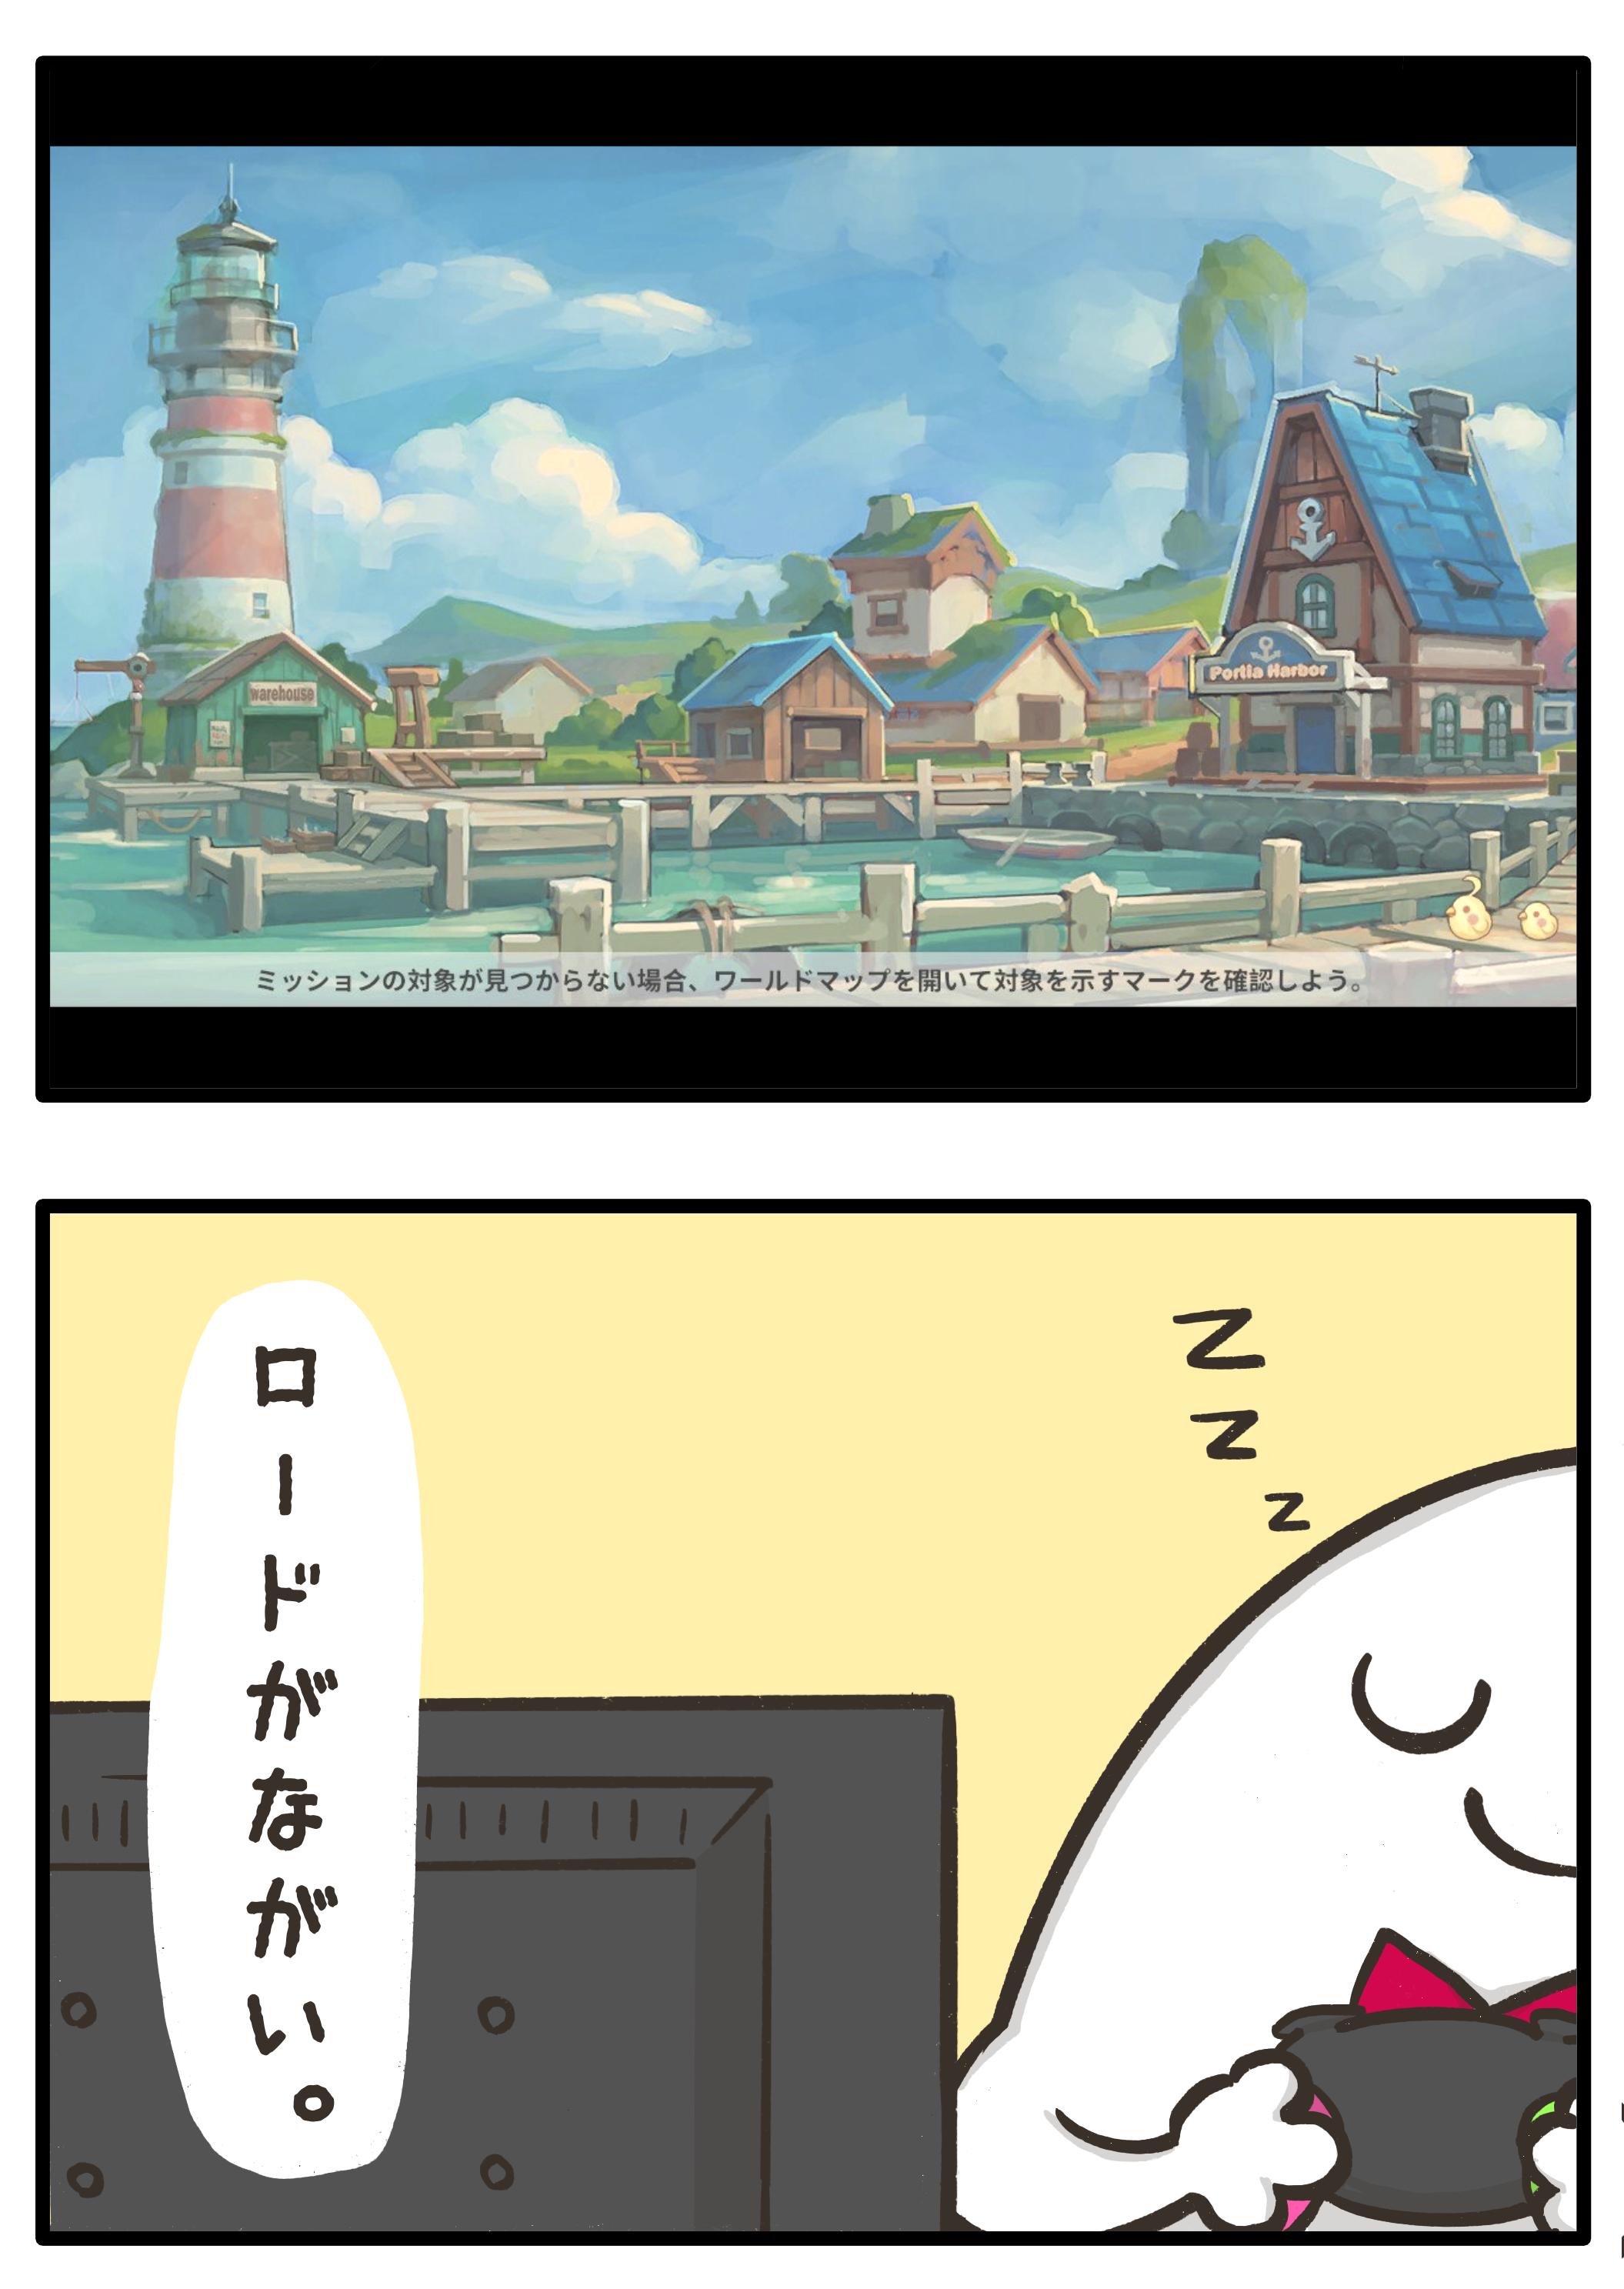 f:id:ichibo-game:20190503180517p:plain